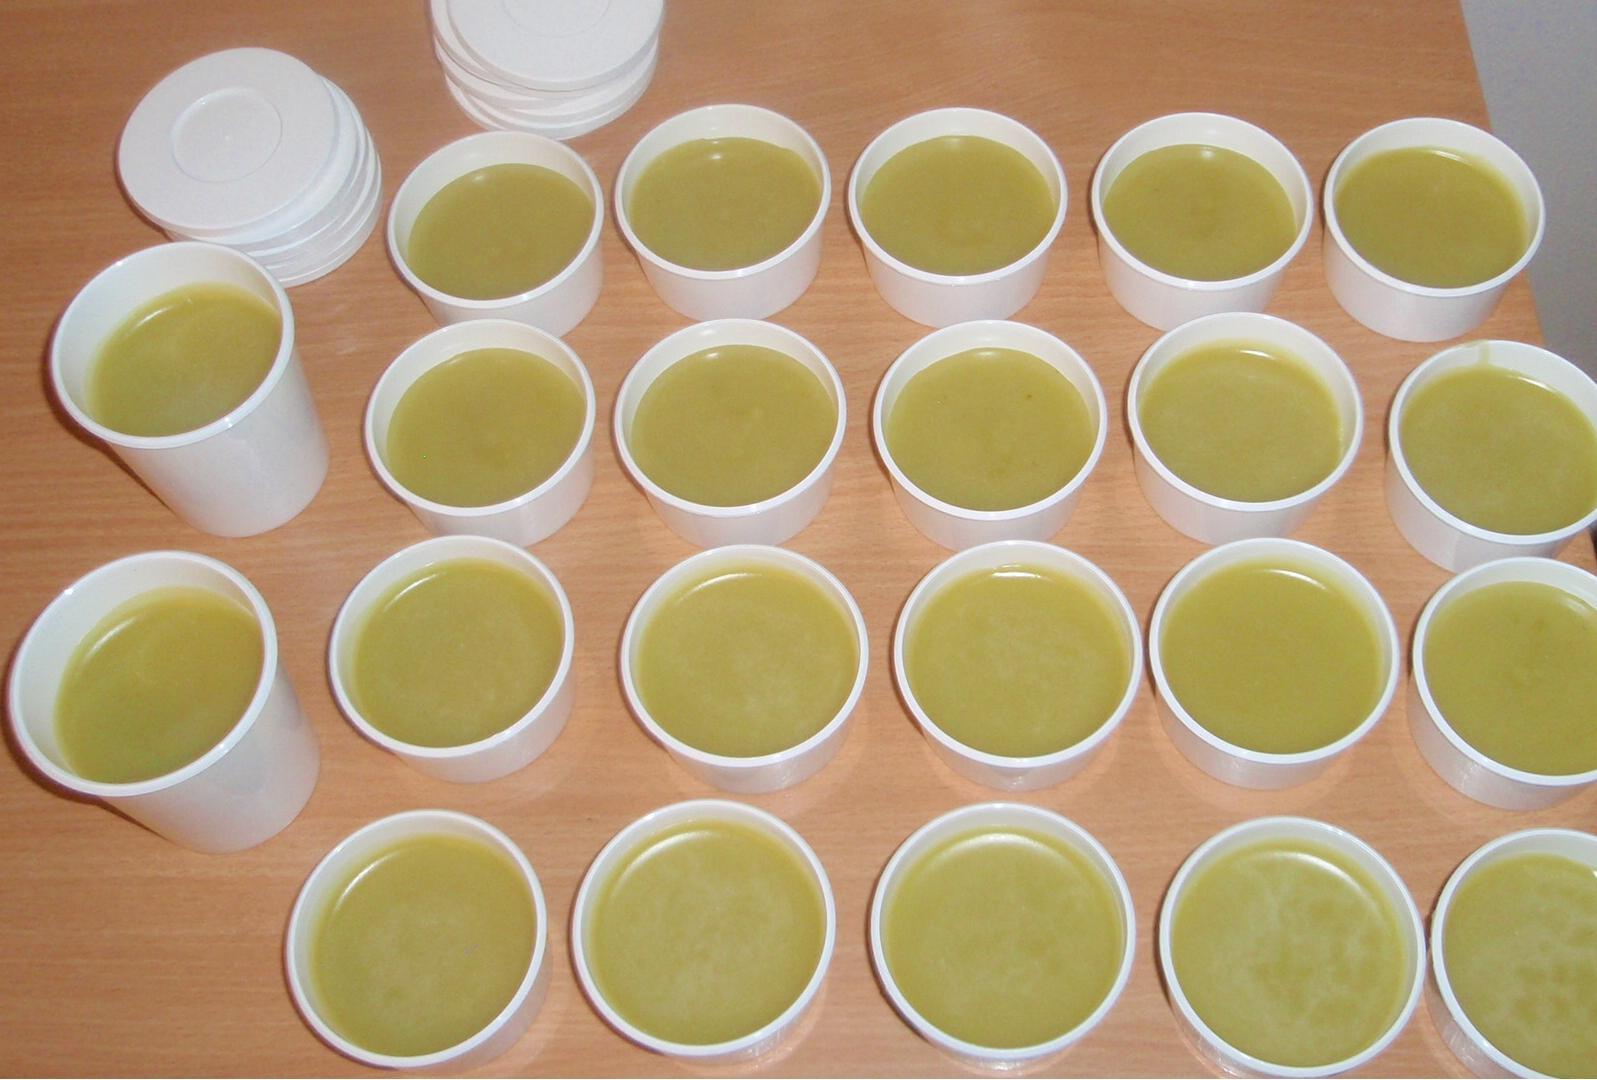 Domácí konopné mastičky jsou pečlivě vyráběny dle vlastní receptury.